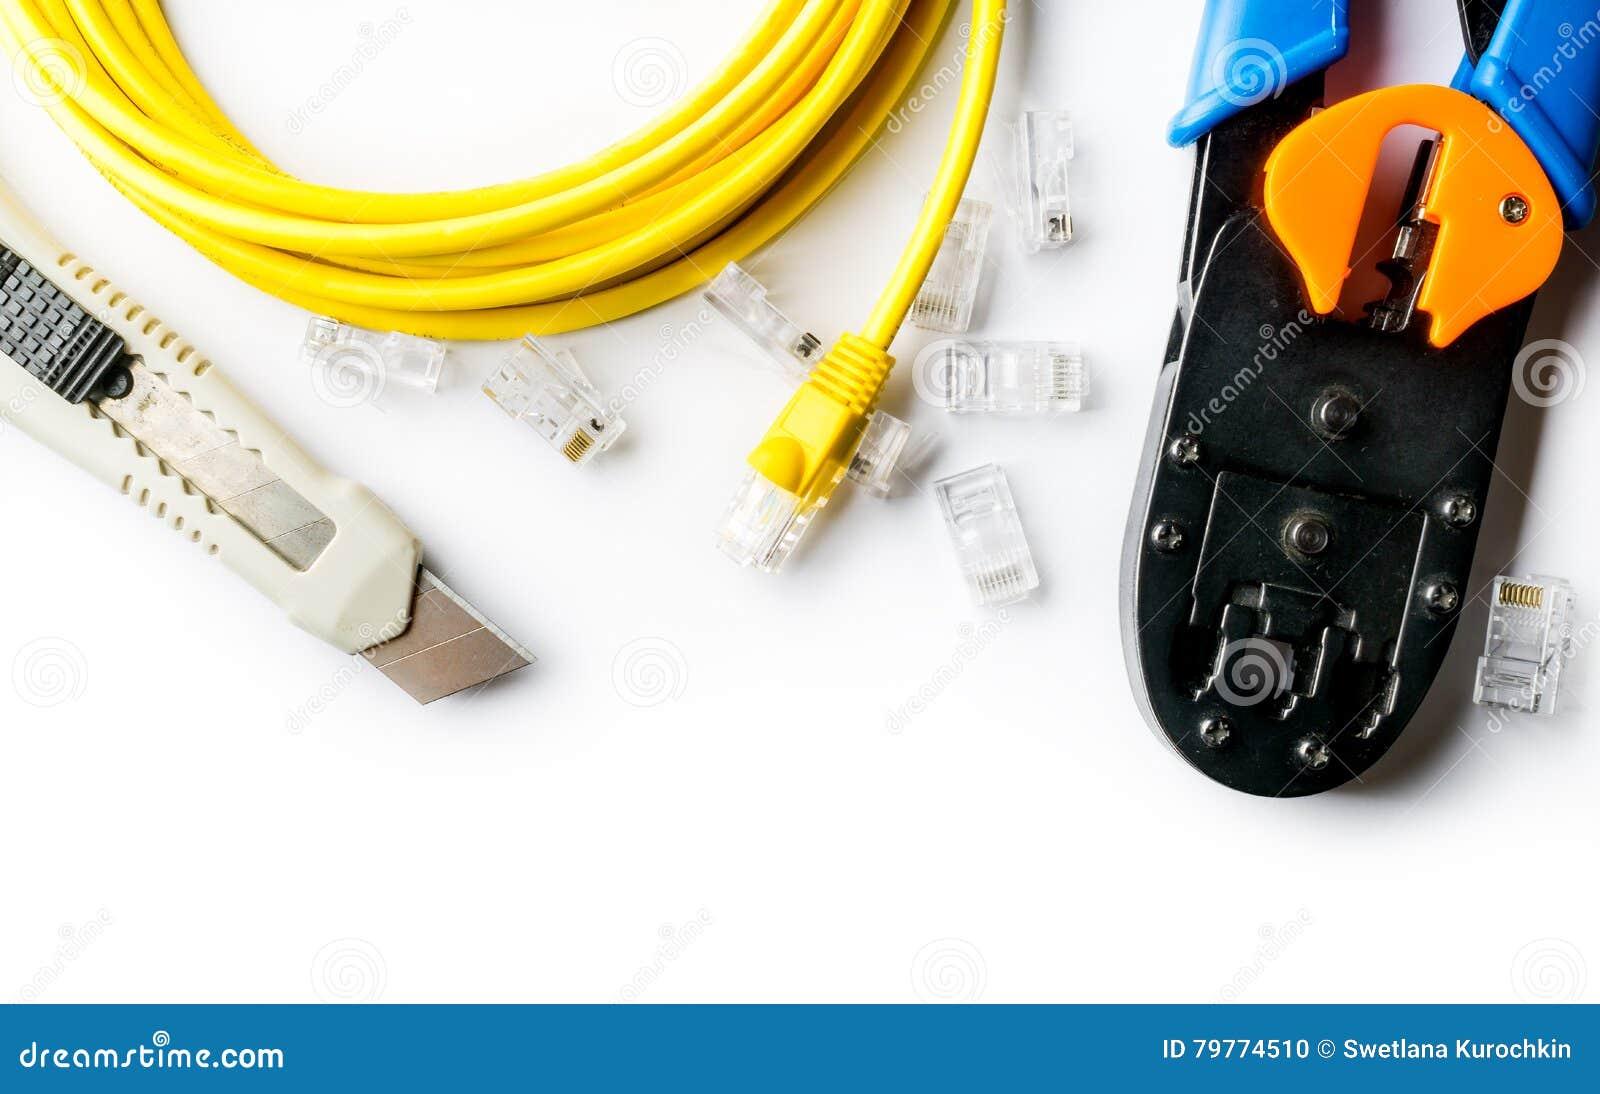 Cortador, arrugador, cordón de remiendo amarillo y conectores